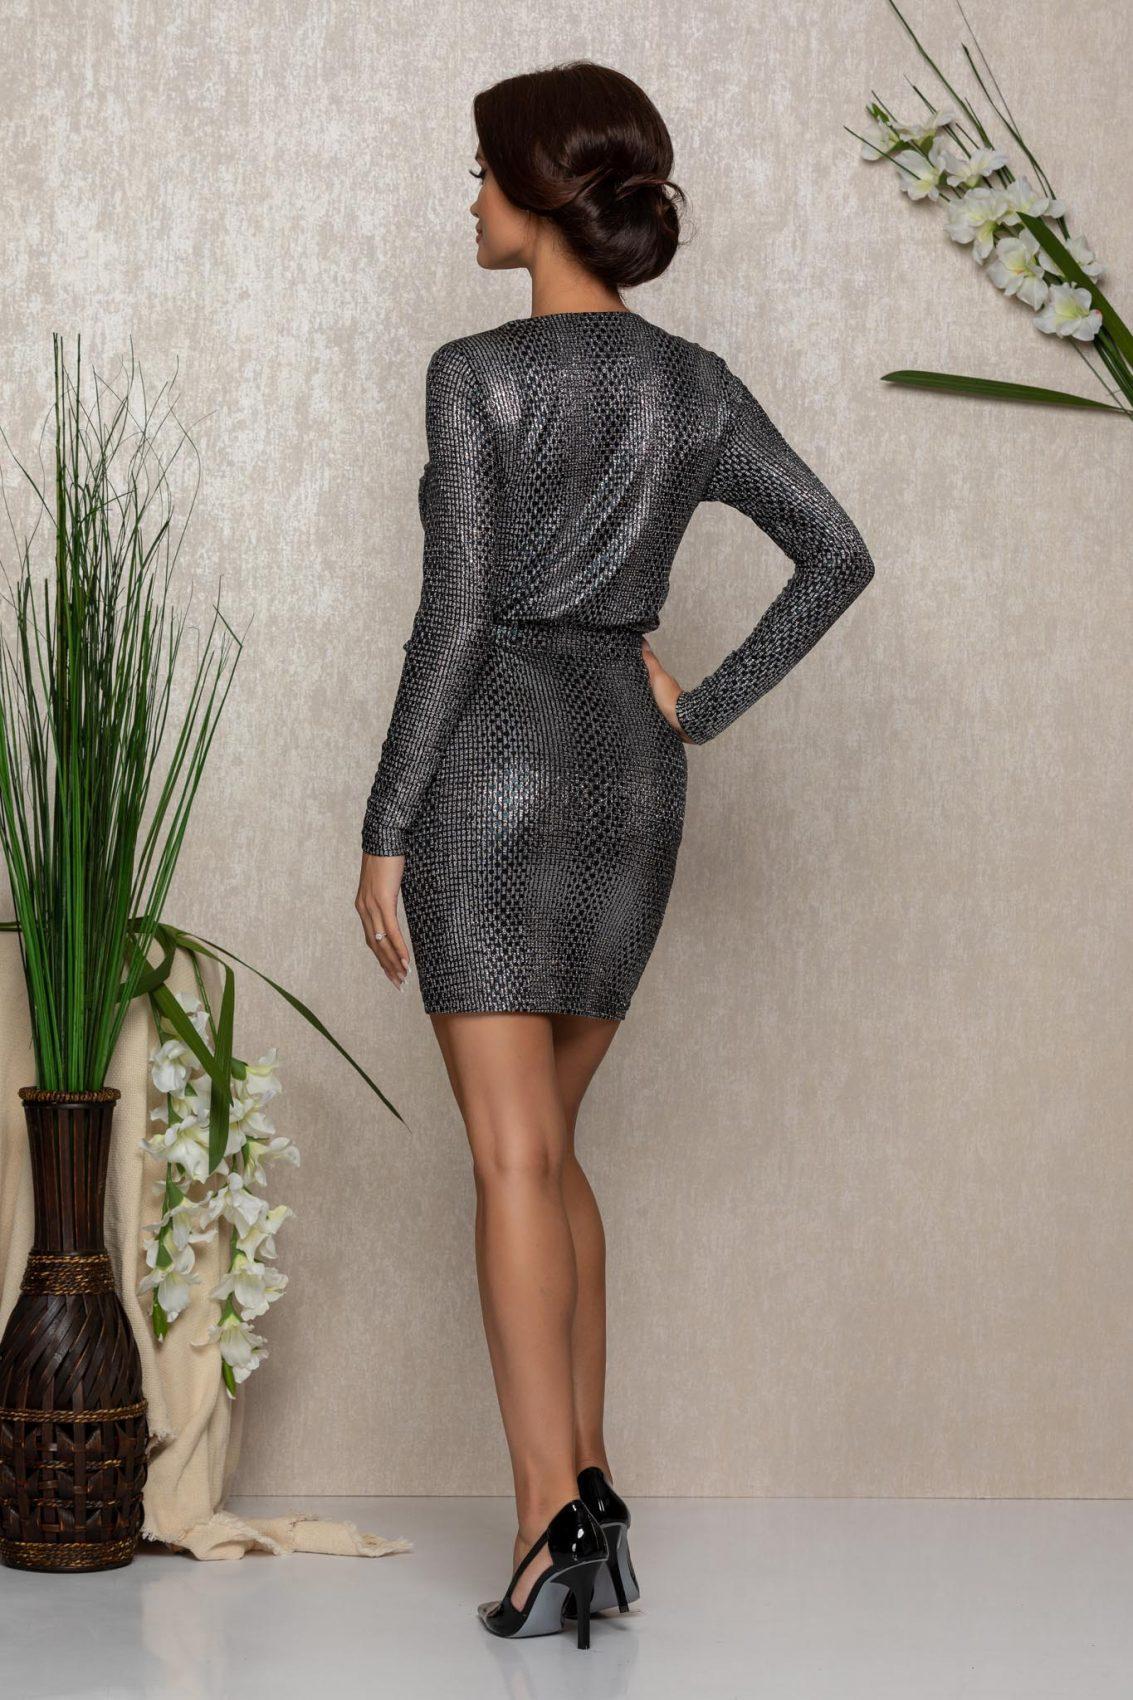 Ασημί Μίνι Φόρεμα Brya 1071 2